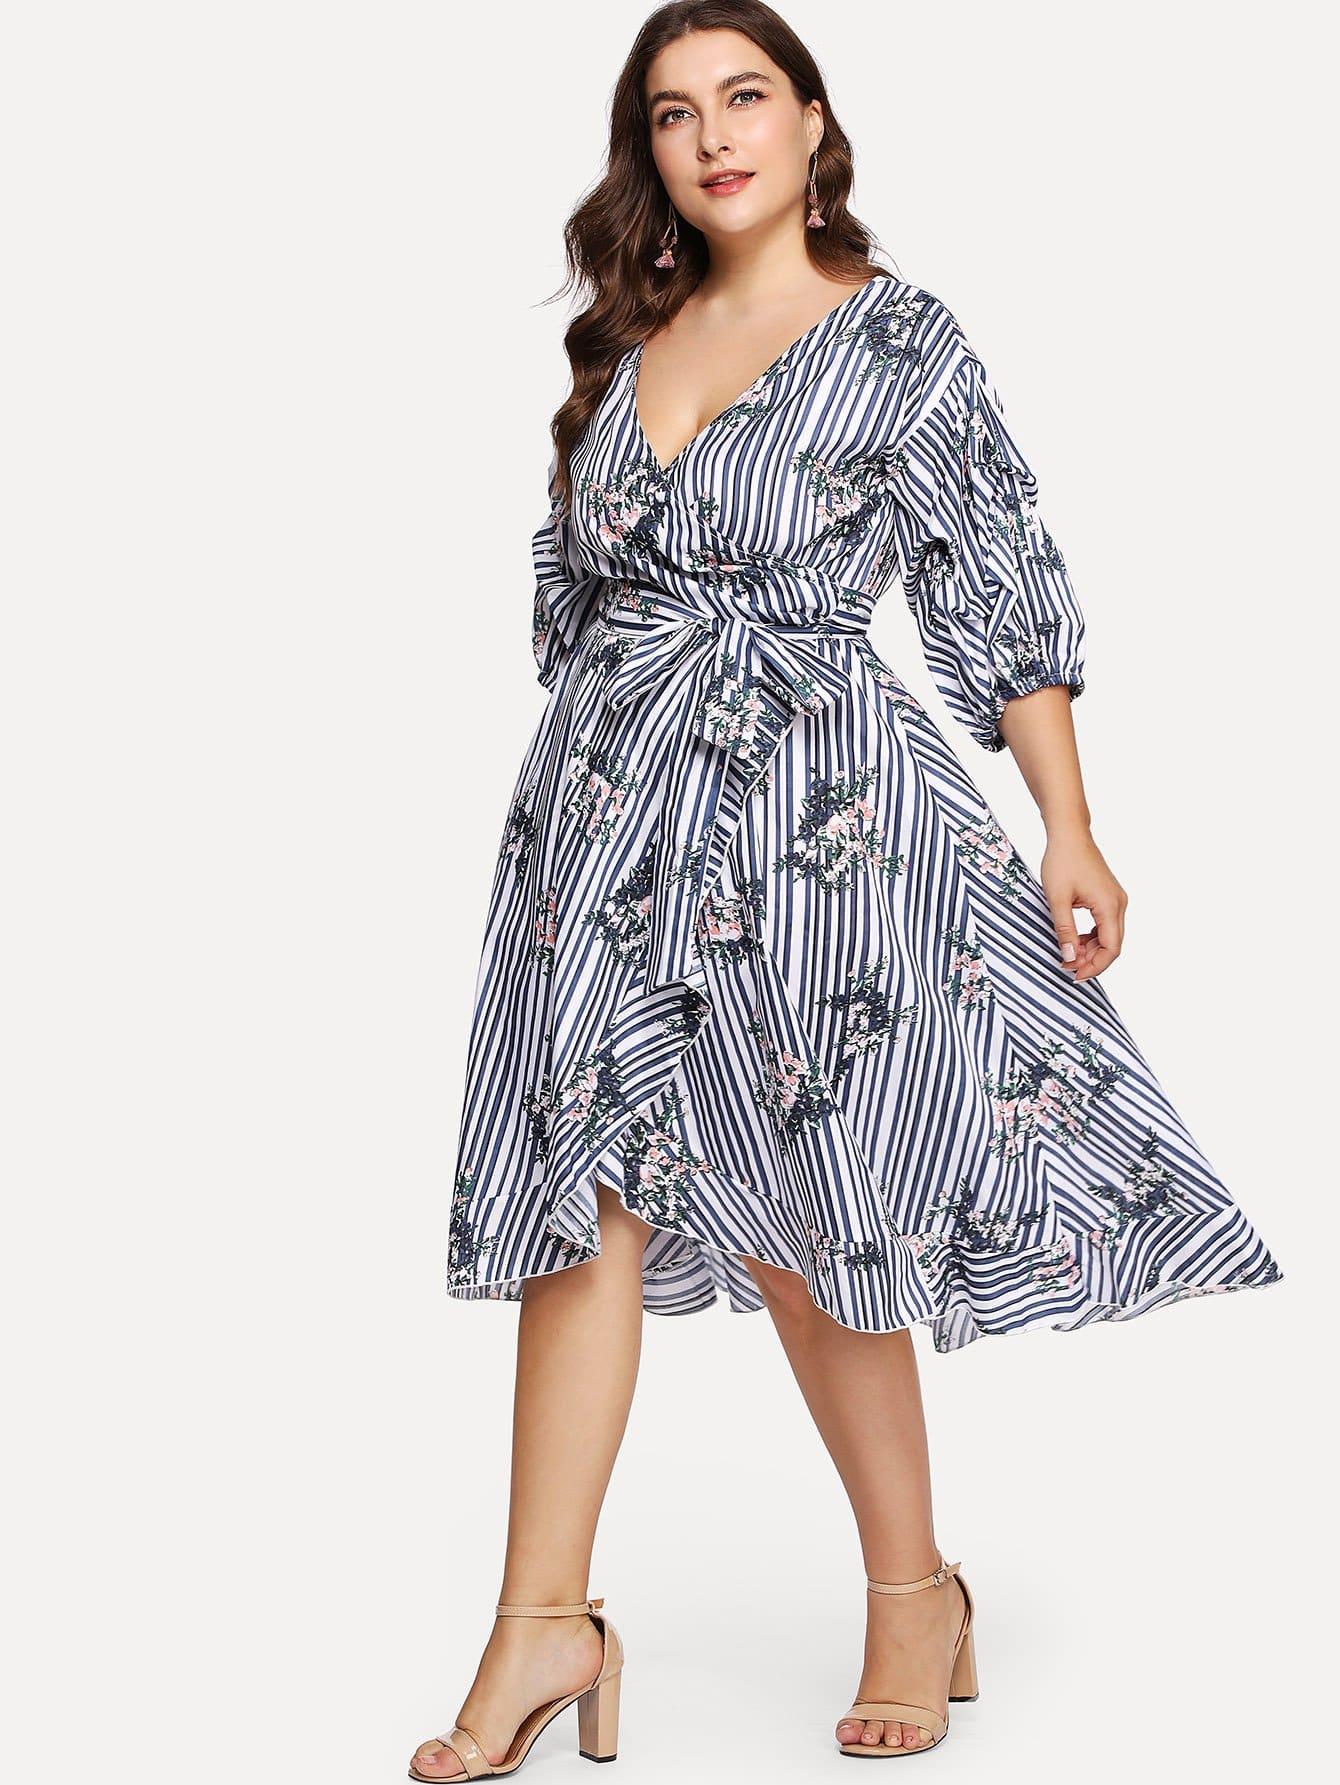 Купить Платье с запахом и собранными рукавами и принтом, Franziska, SheIn